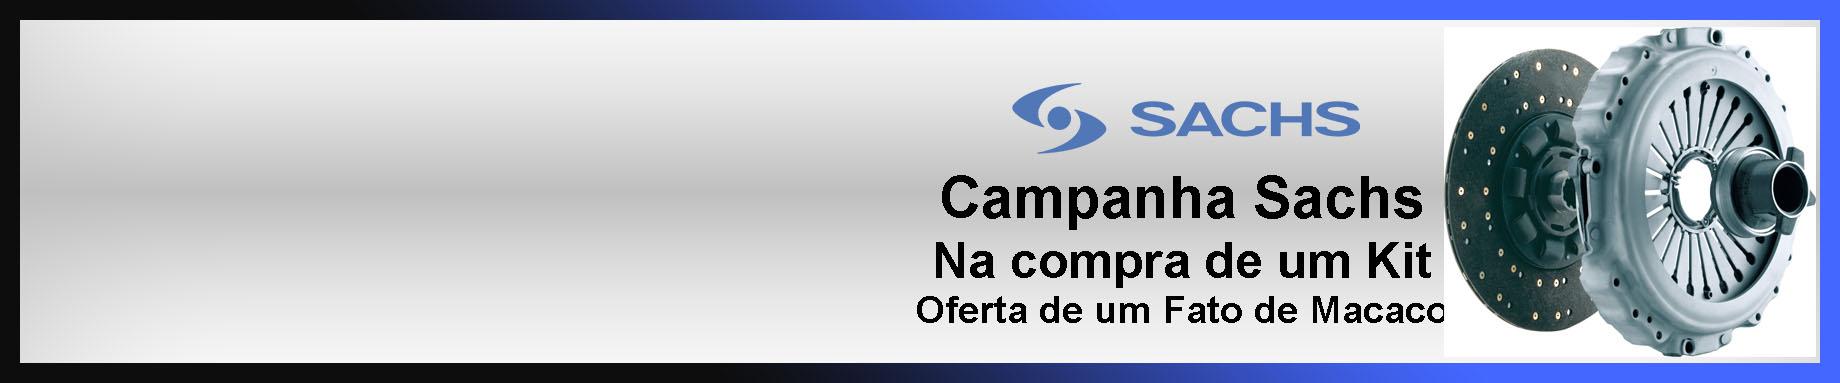 Capanha Sachs 2019 Jan/Fev